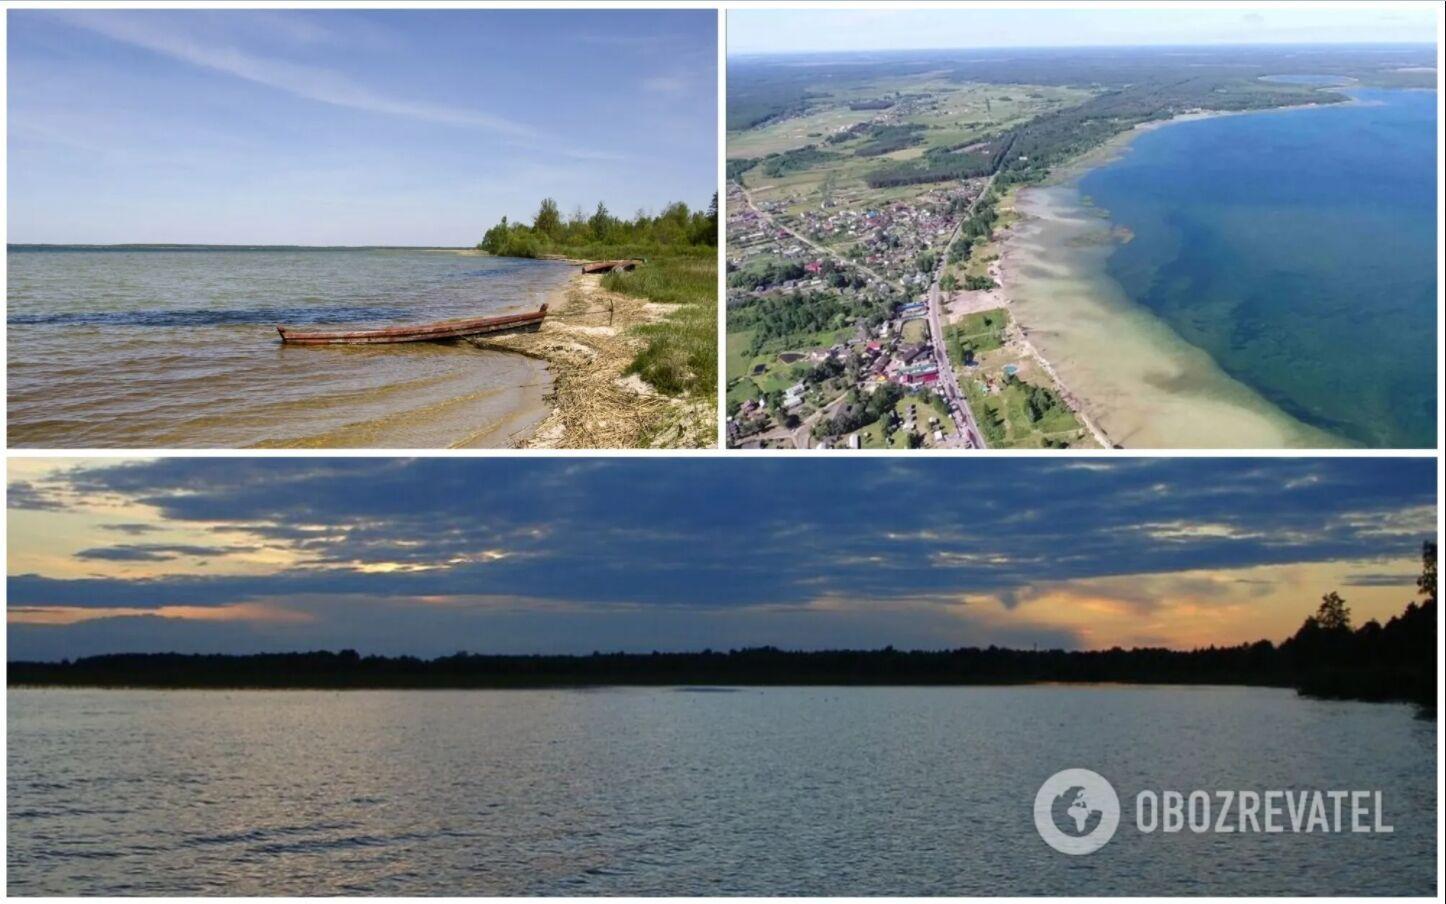 Озеро Свитязь считается самым глубоким в Украине